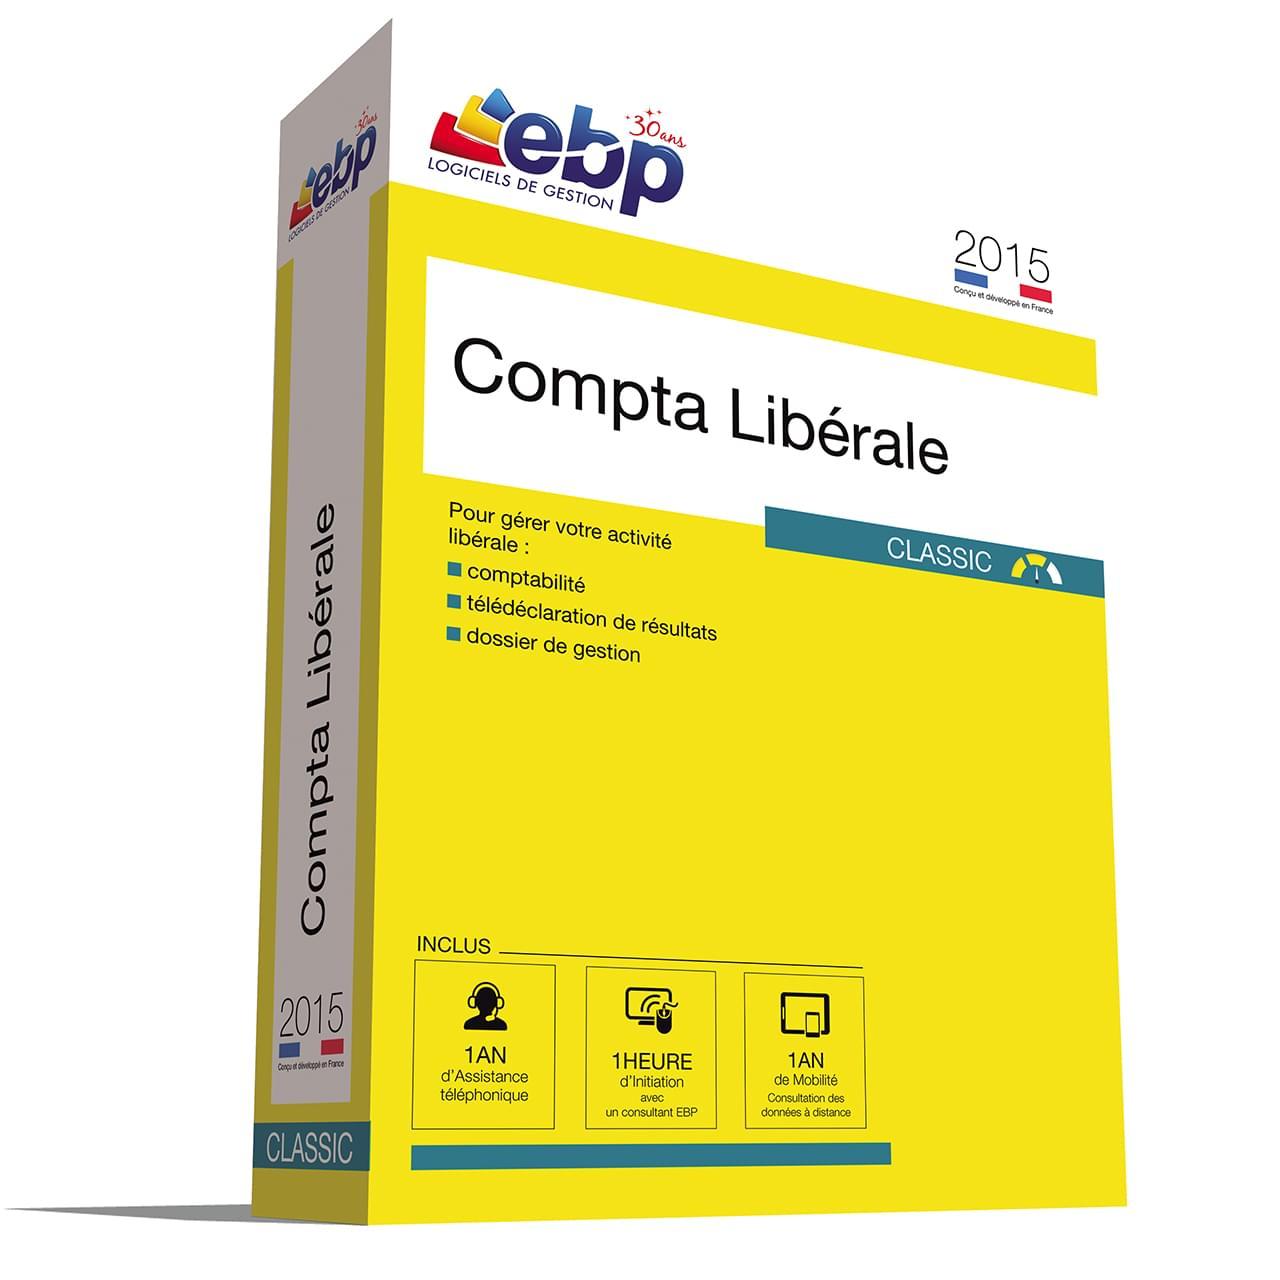 EBP Compta Libérale Classic OL 2015 + VIP - Logiciel application - 0